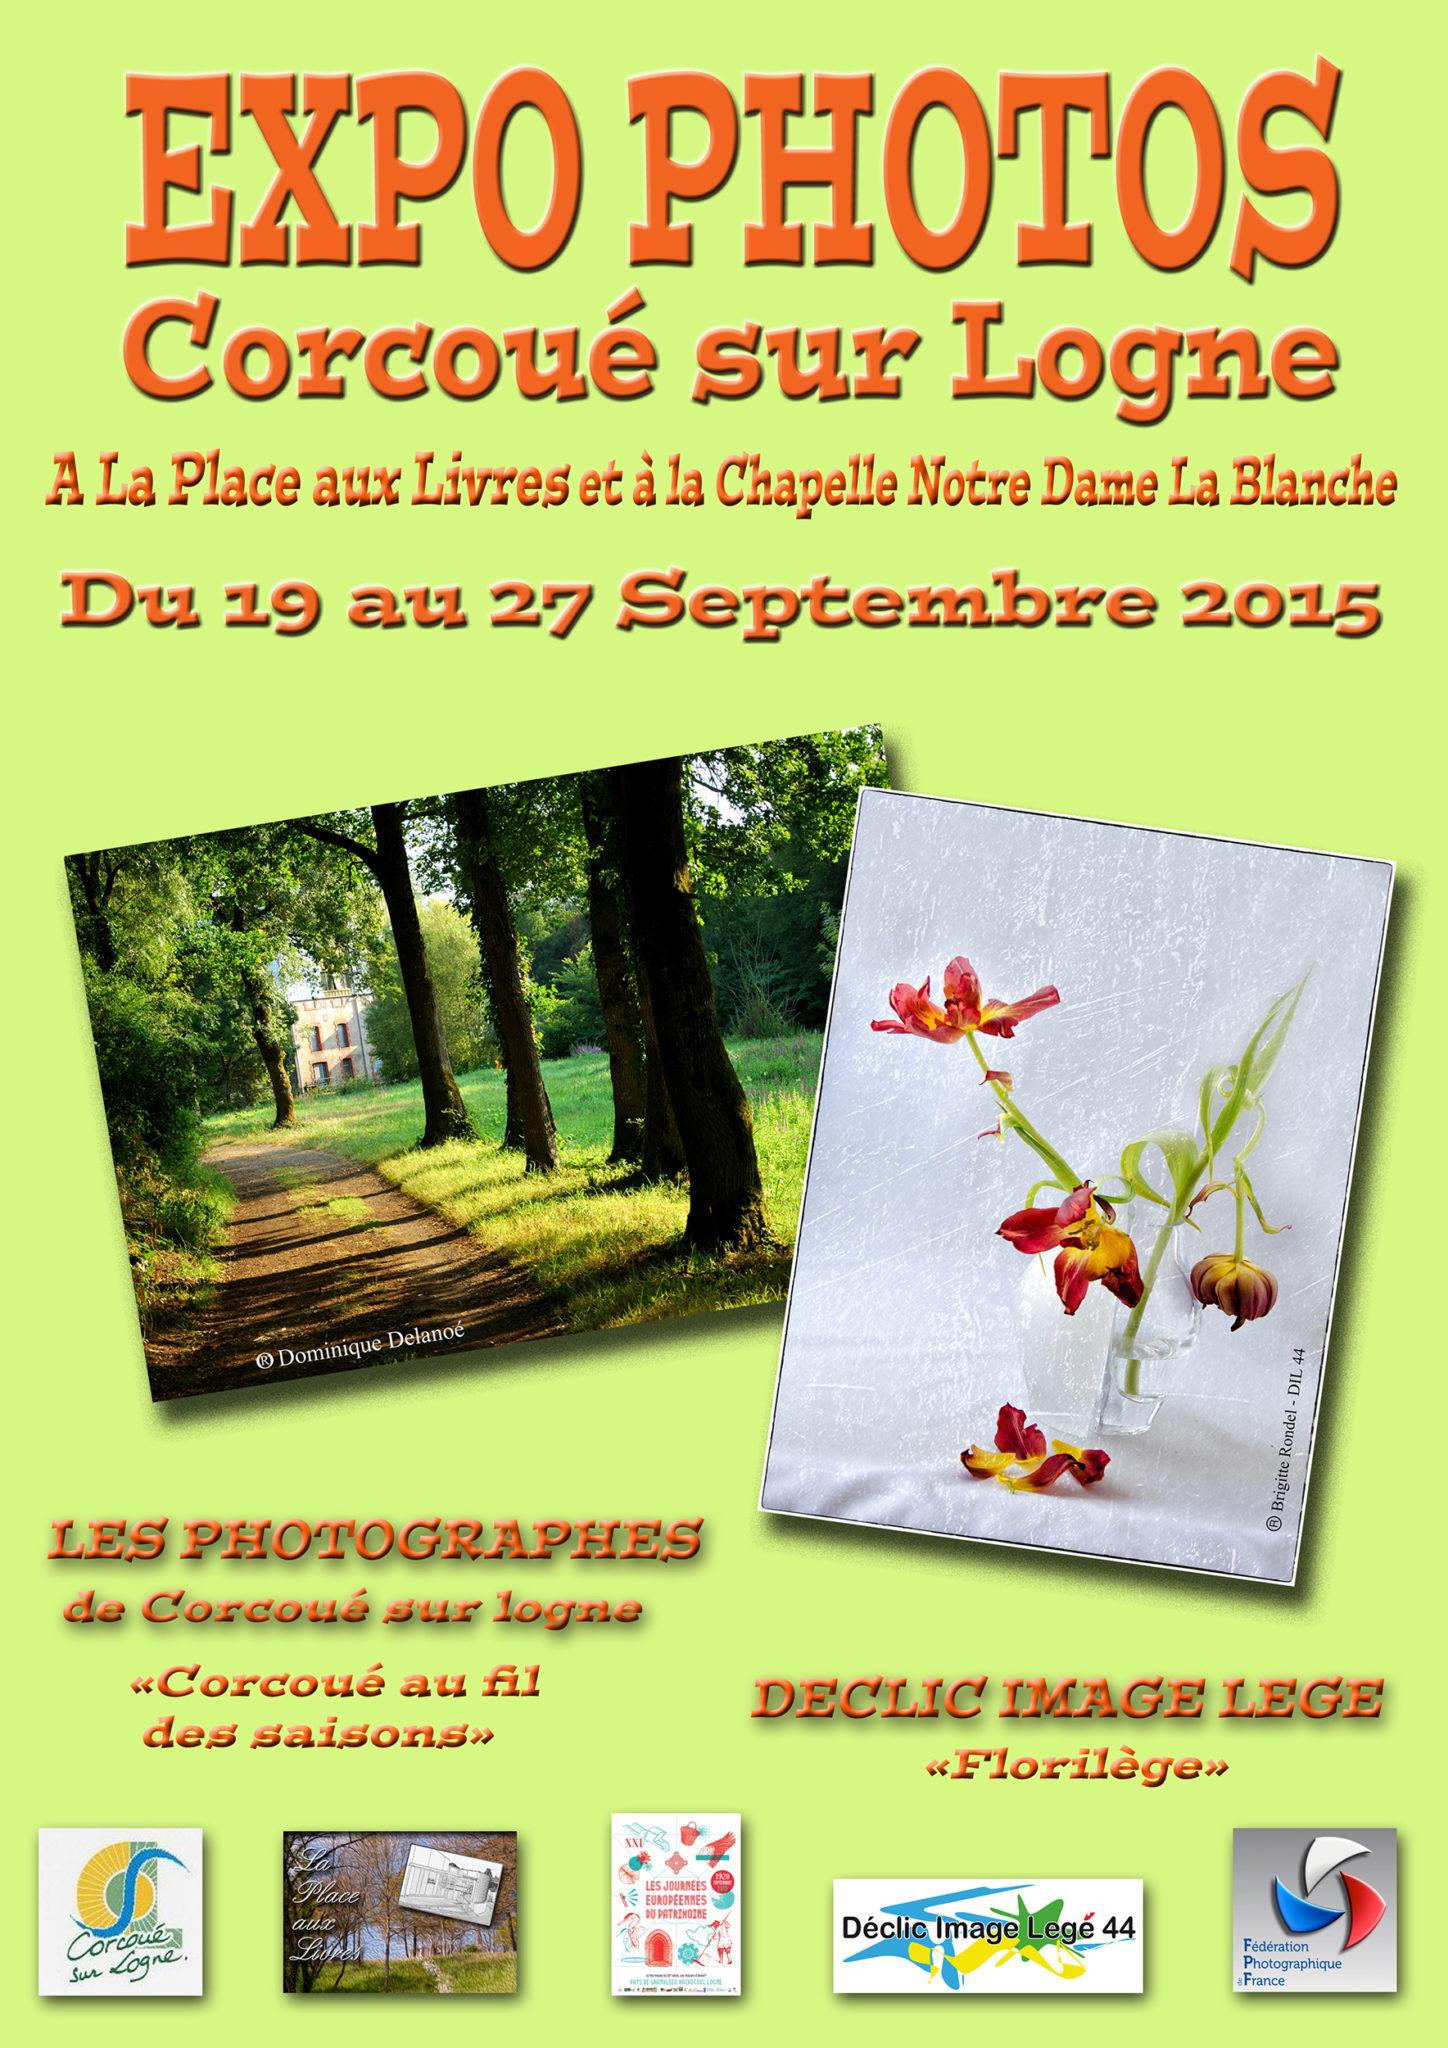 EXPO PHOTOS à CORCOUE sur LOGNE